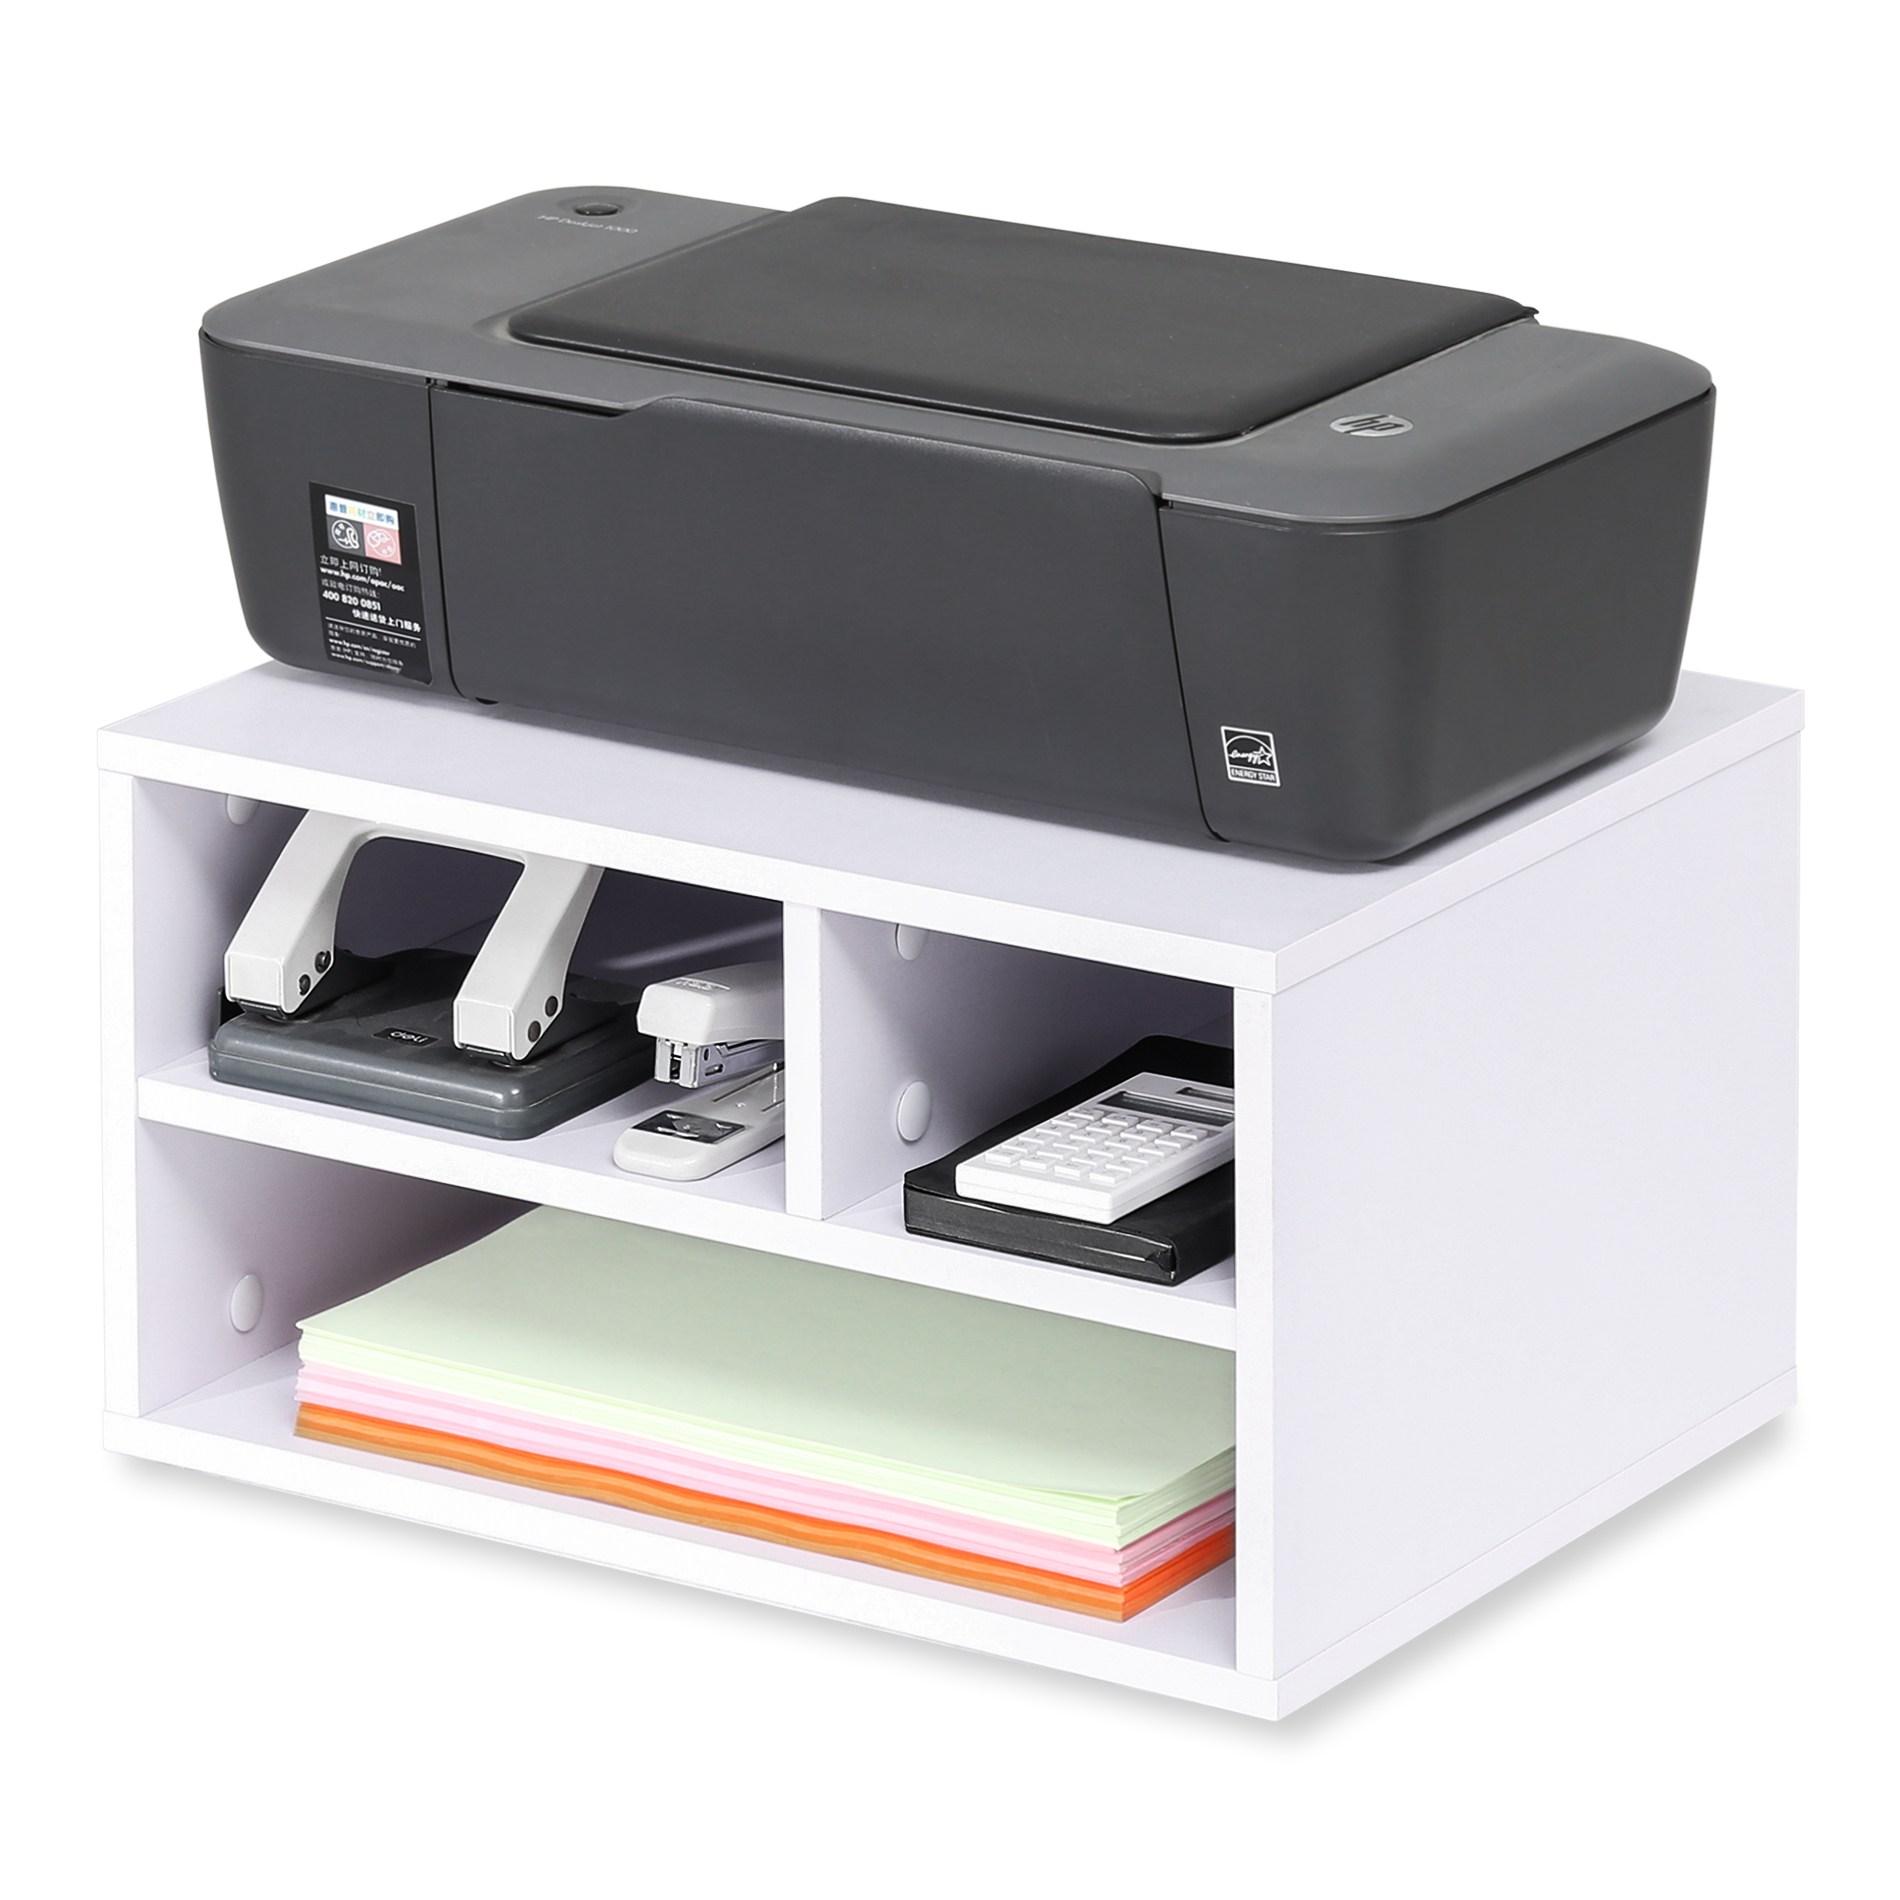 FITUEYES 프린터선반 프린터받침 프린터스탠드, 흰색 DO304005WW